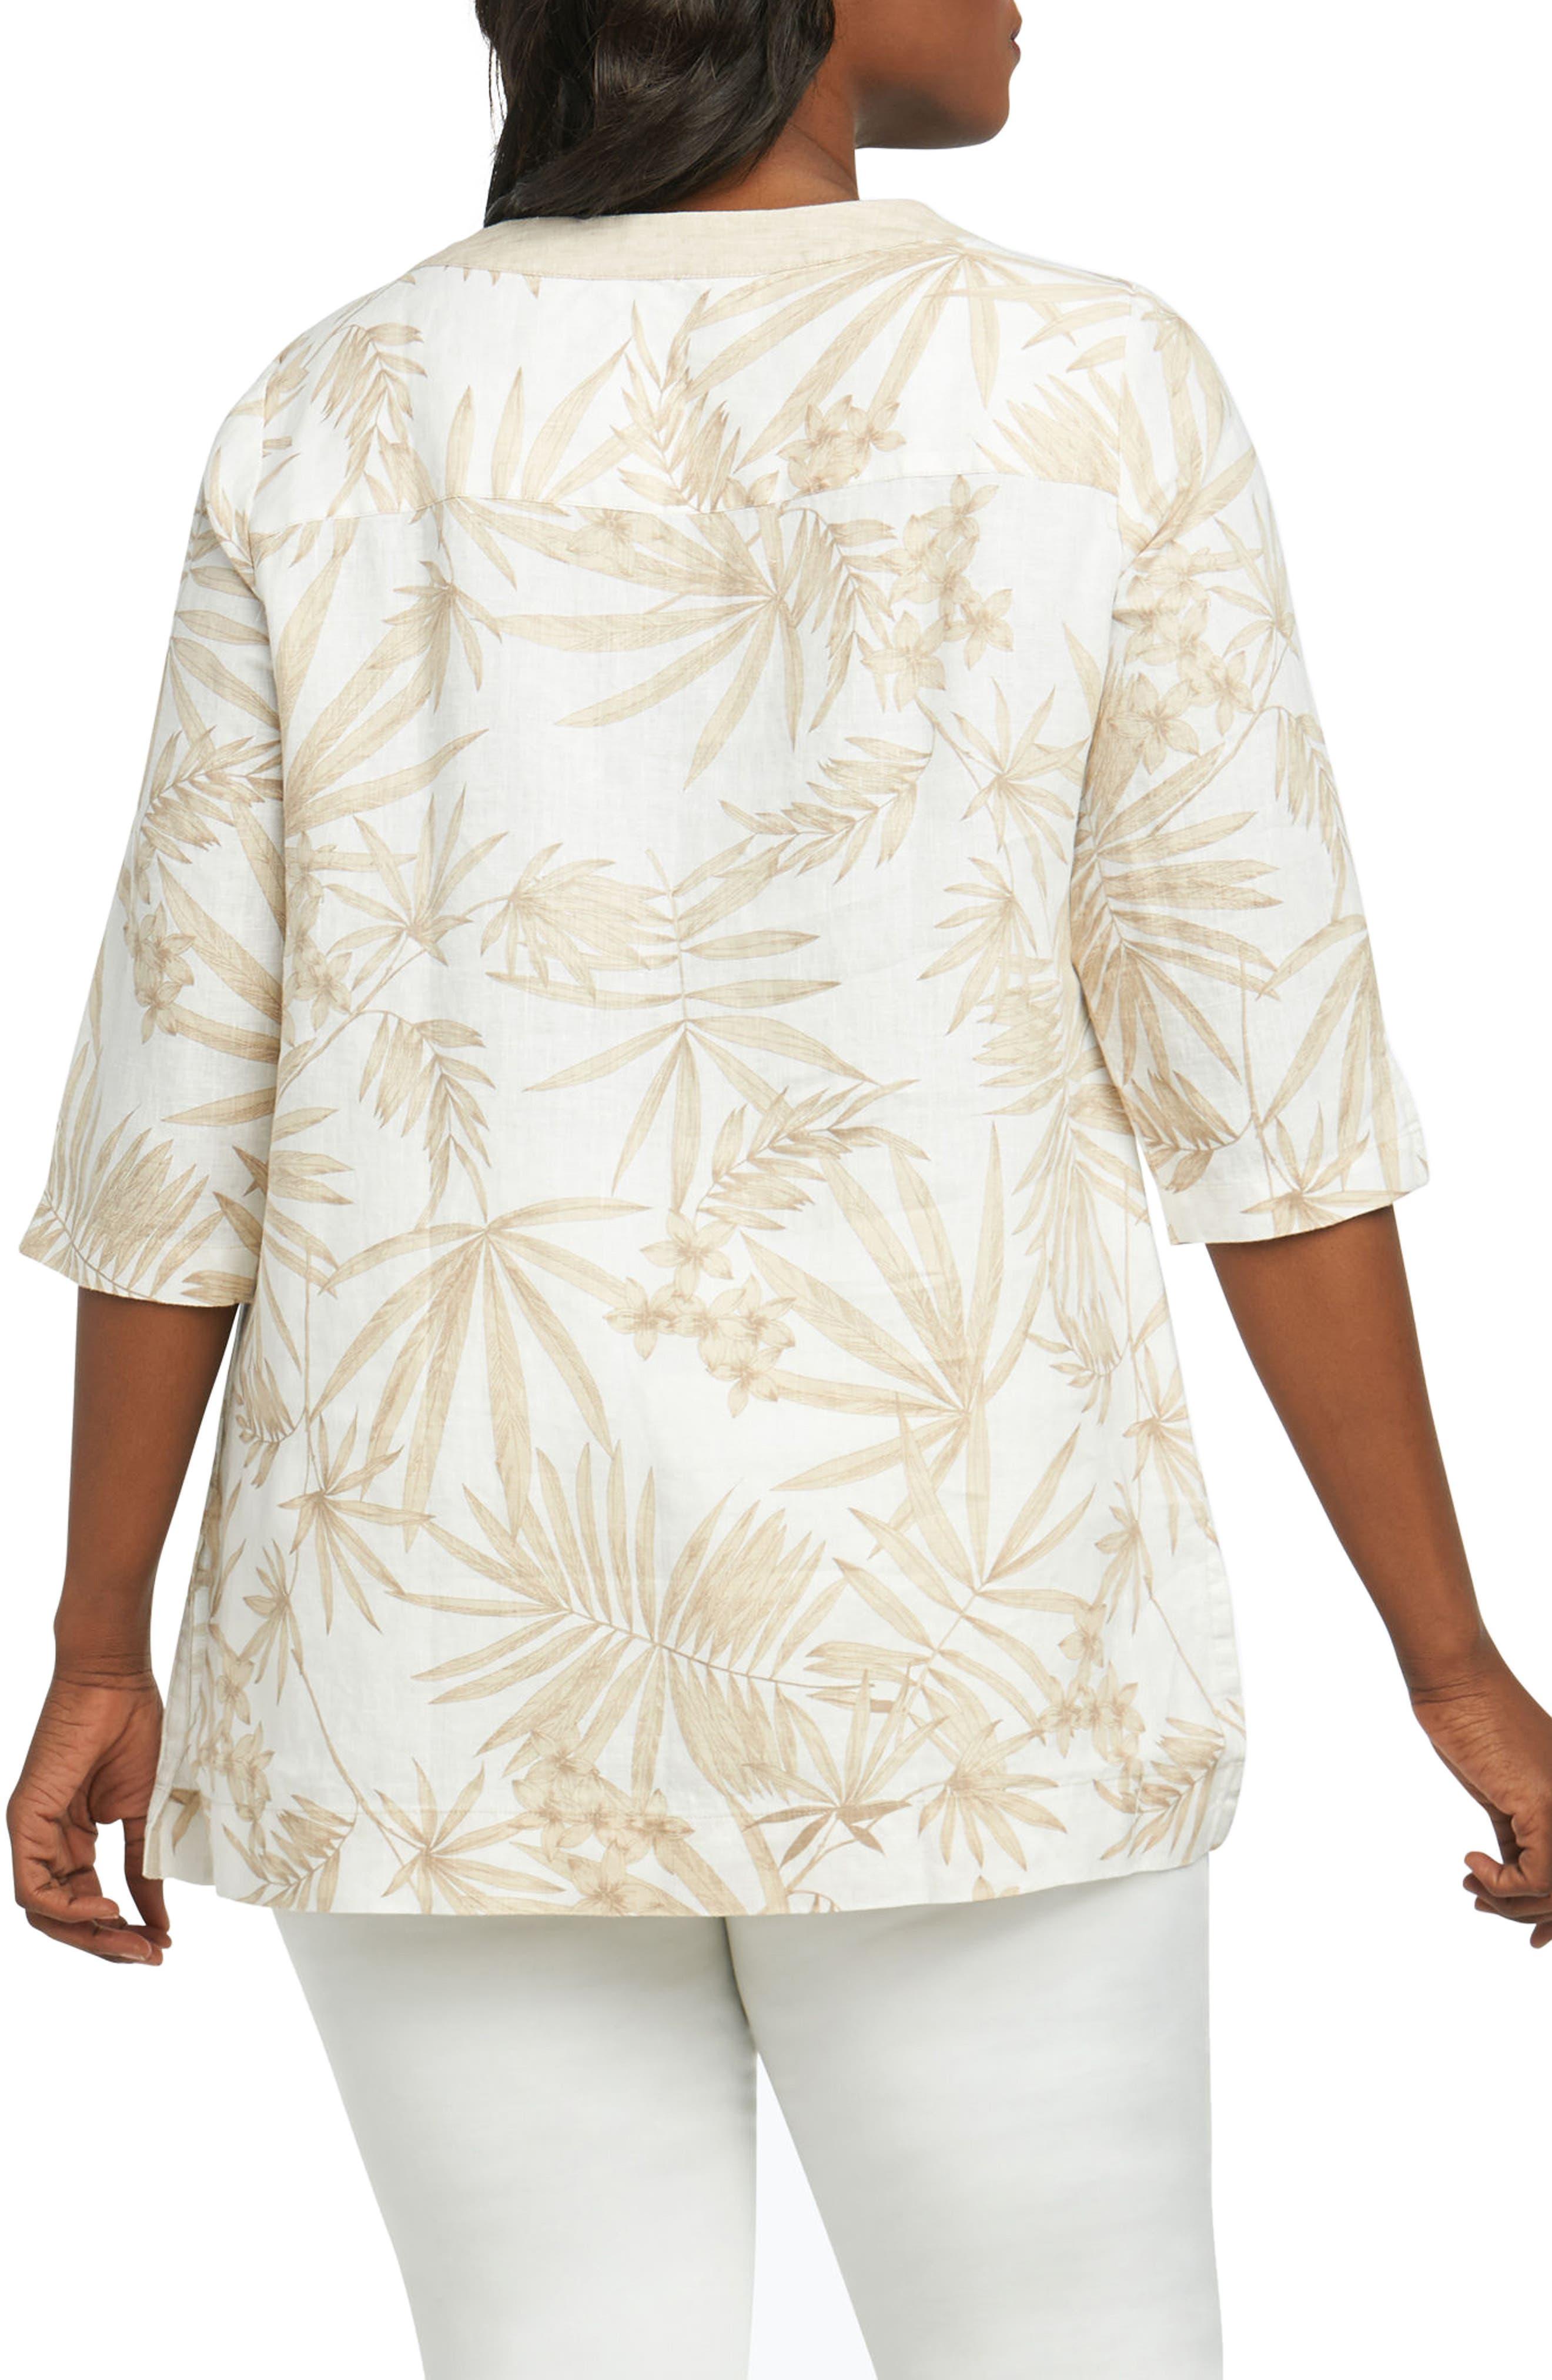 Toni Palm Linen Shirt,                             Alternate thumbnail 2, color,                             275